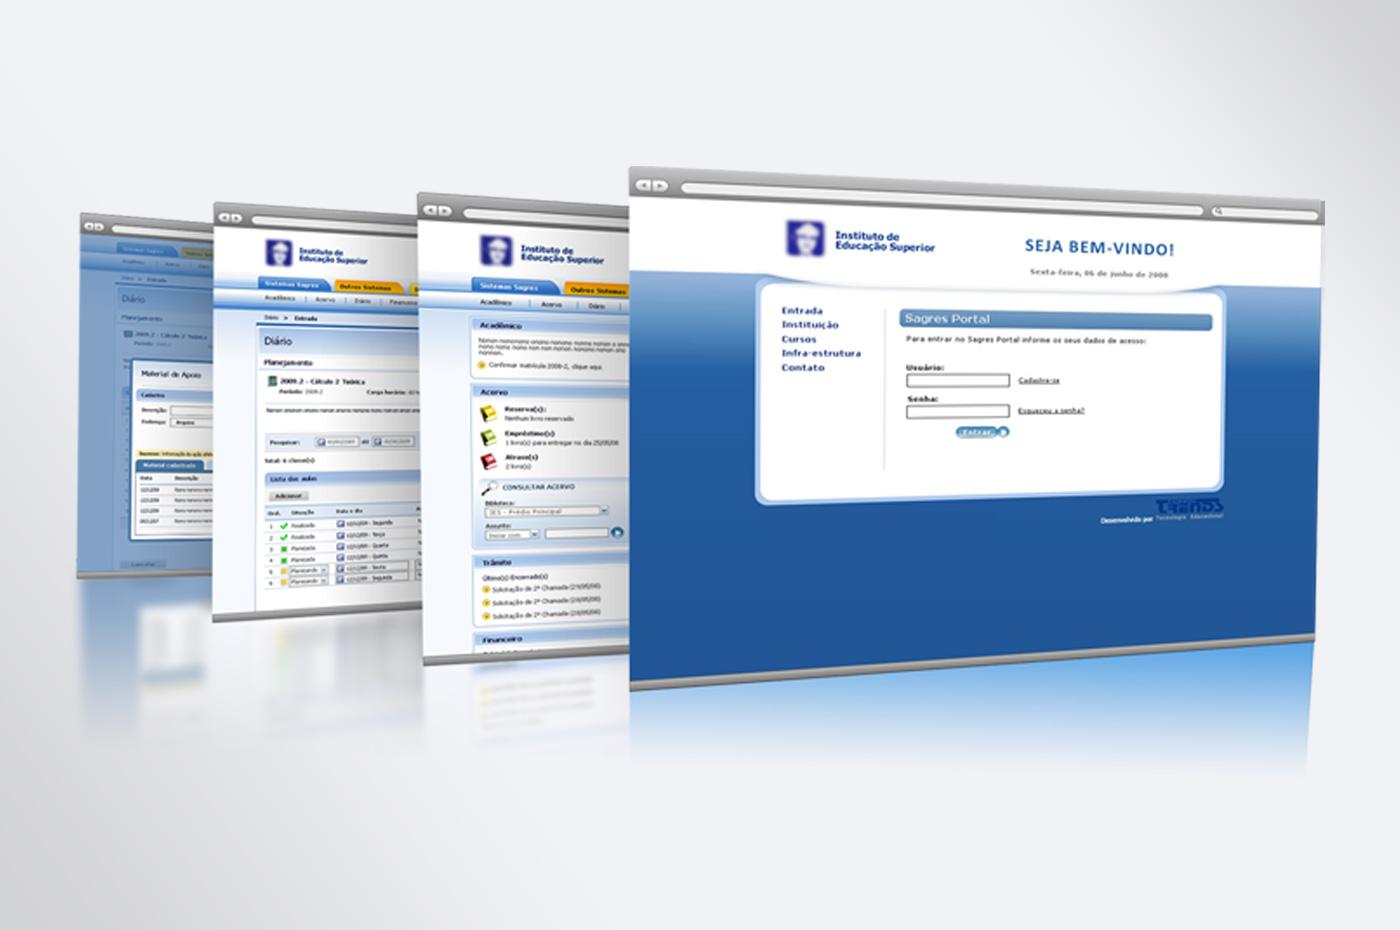 https://www.rafaeloliveira.com/portfolio/interface-sistema-sagres